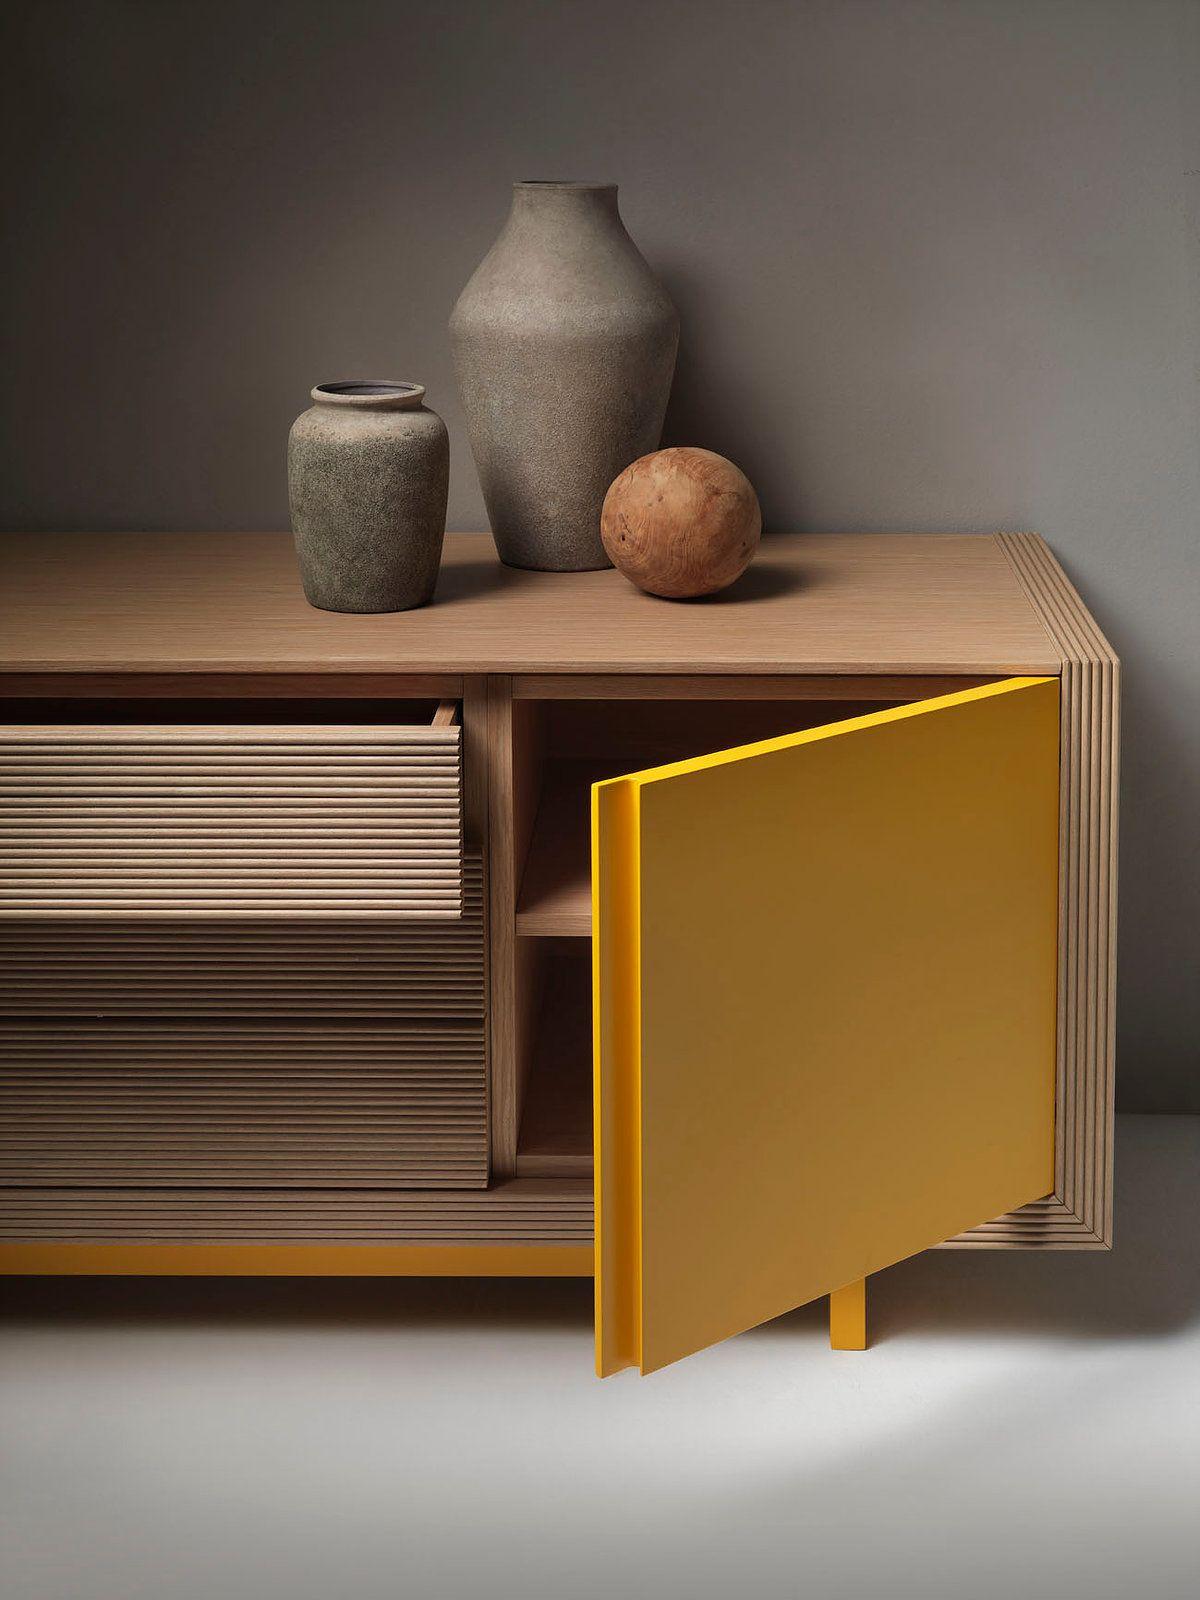 Alchimia Dresser Edoardo Colzani Design Studio Interer Mebel Dlya Gostinoj Idei Ikea